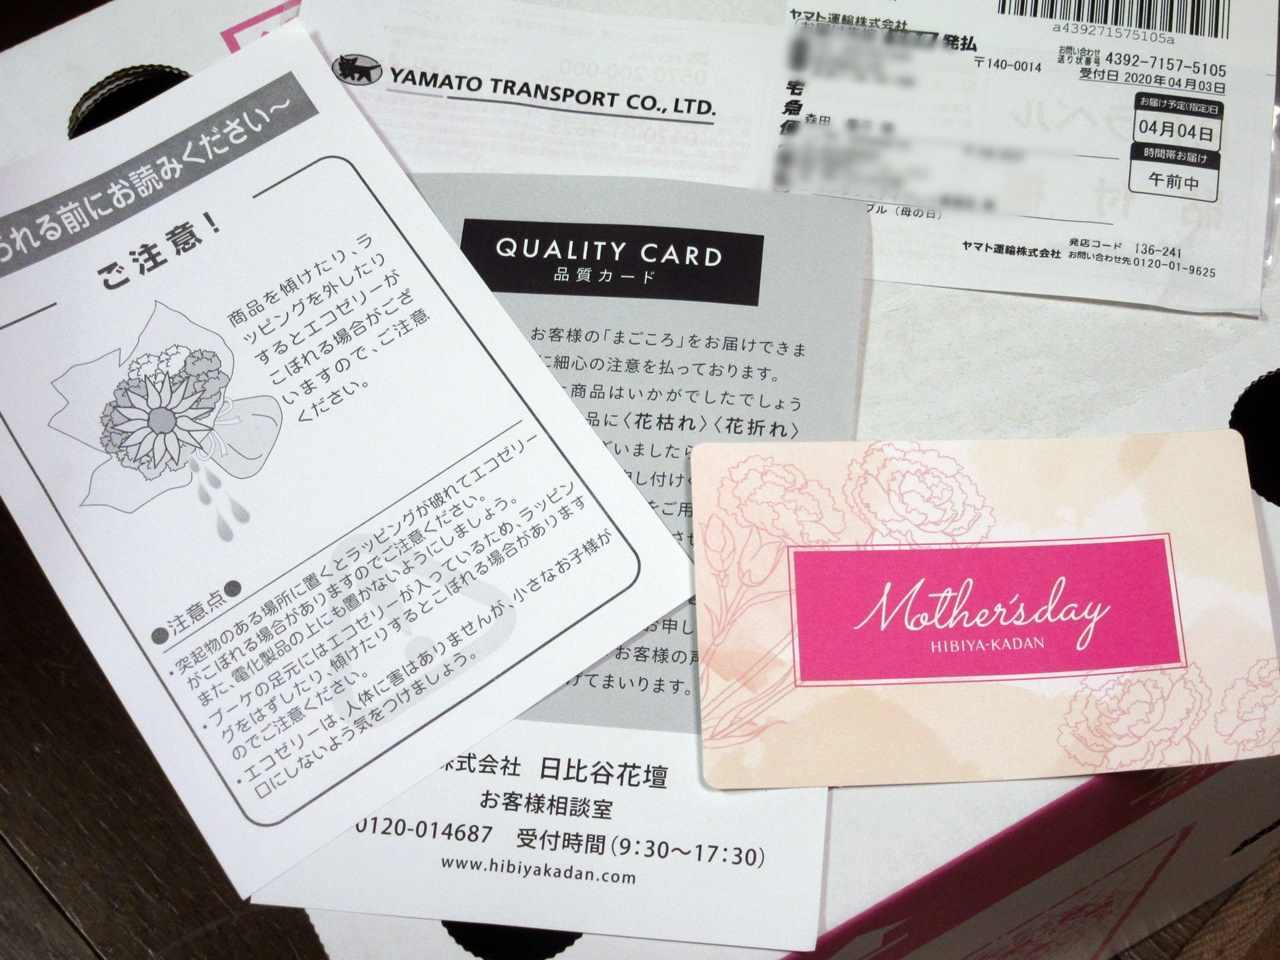 日比谷花壇の品質保証書と母の日カードと説明書